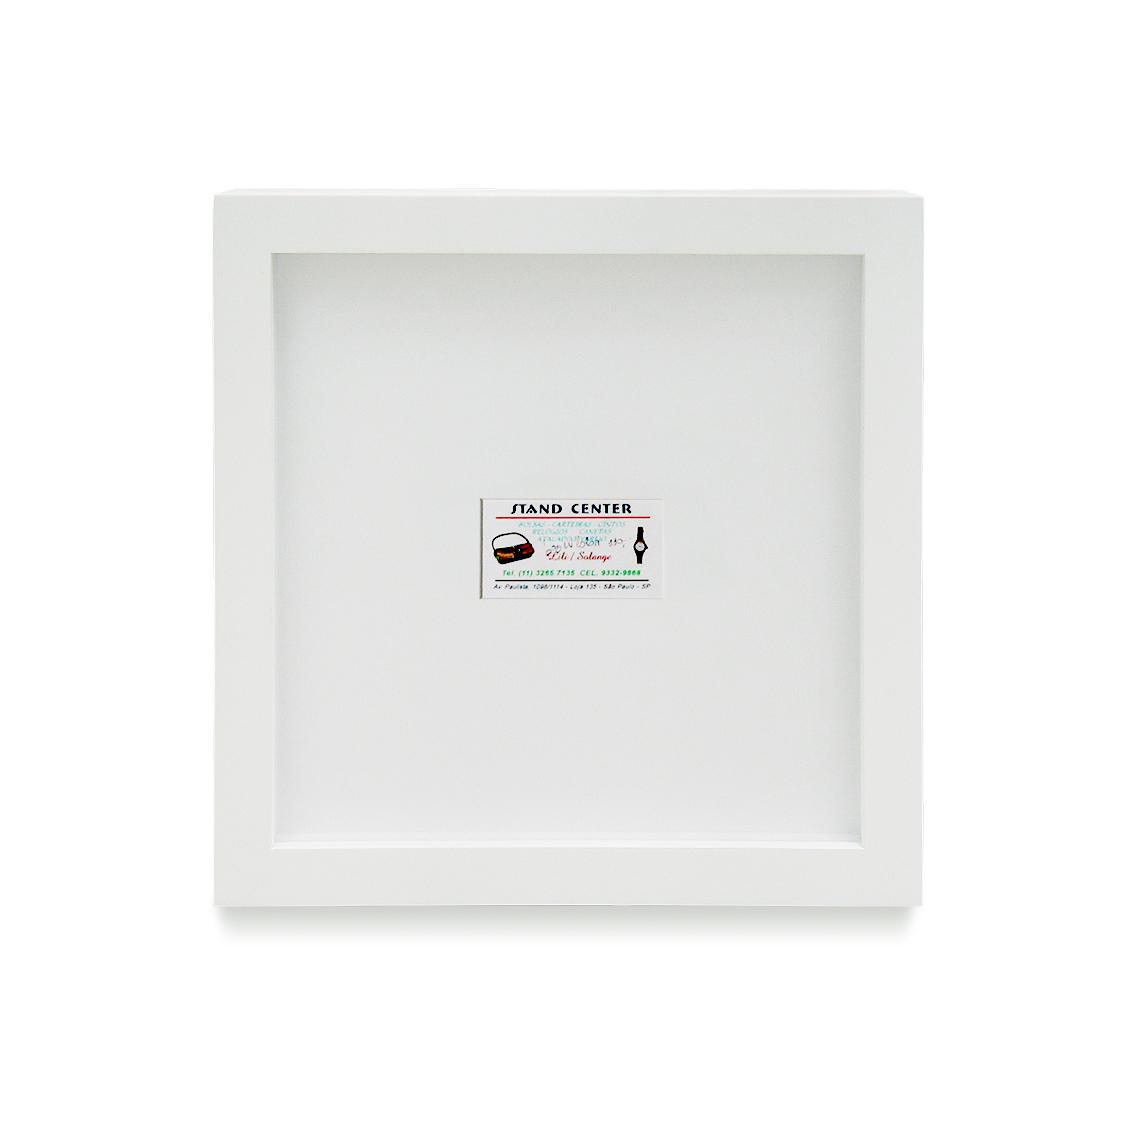 Louis Vuitton: R$ 110,00 (série O Que Te Seduz) (detalhe) •  2004 •  Fotografia, impressão digital, recibo de compra •  120 x 80 cm, 30 x 30 cm (díptico)  • Coleção MARP - Museu de Arte de Ribeirão Preto